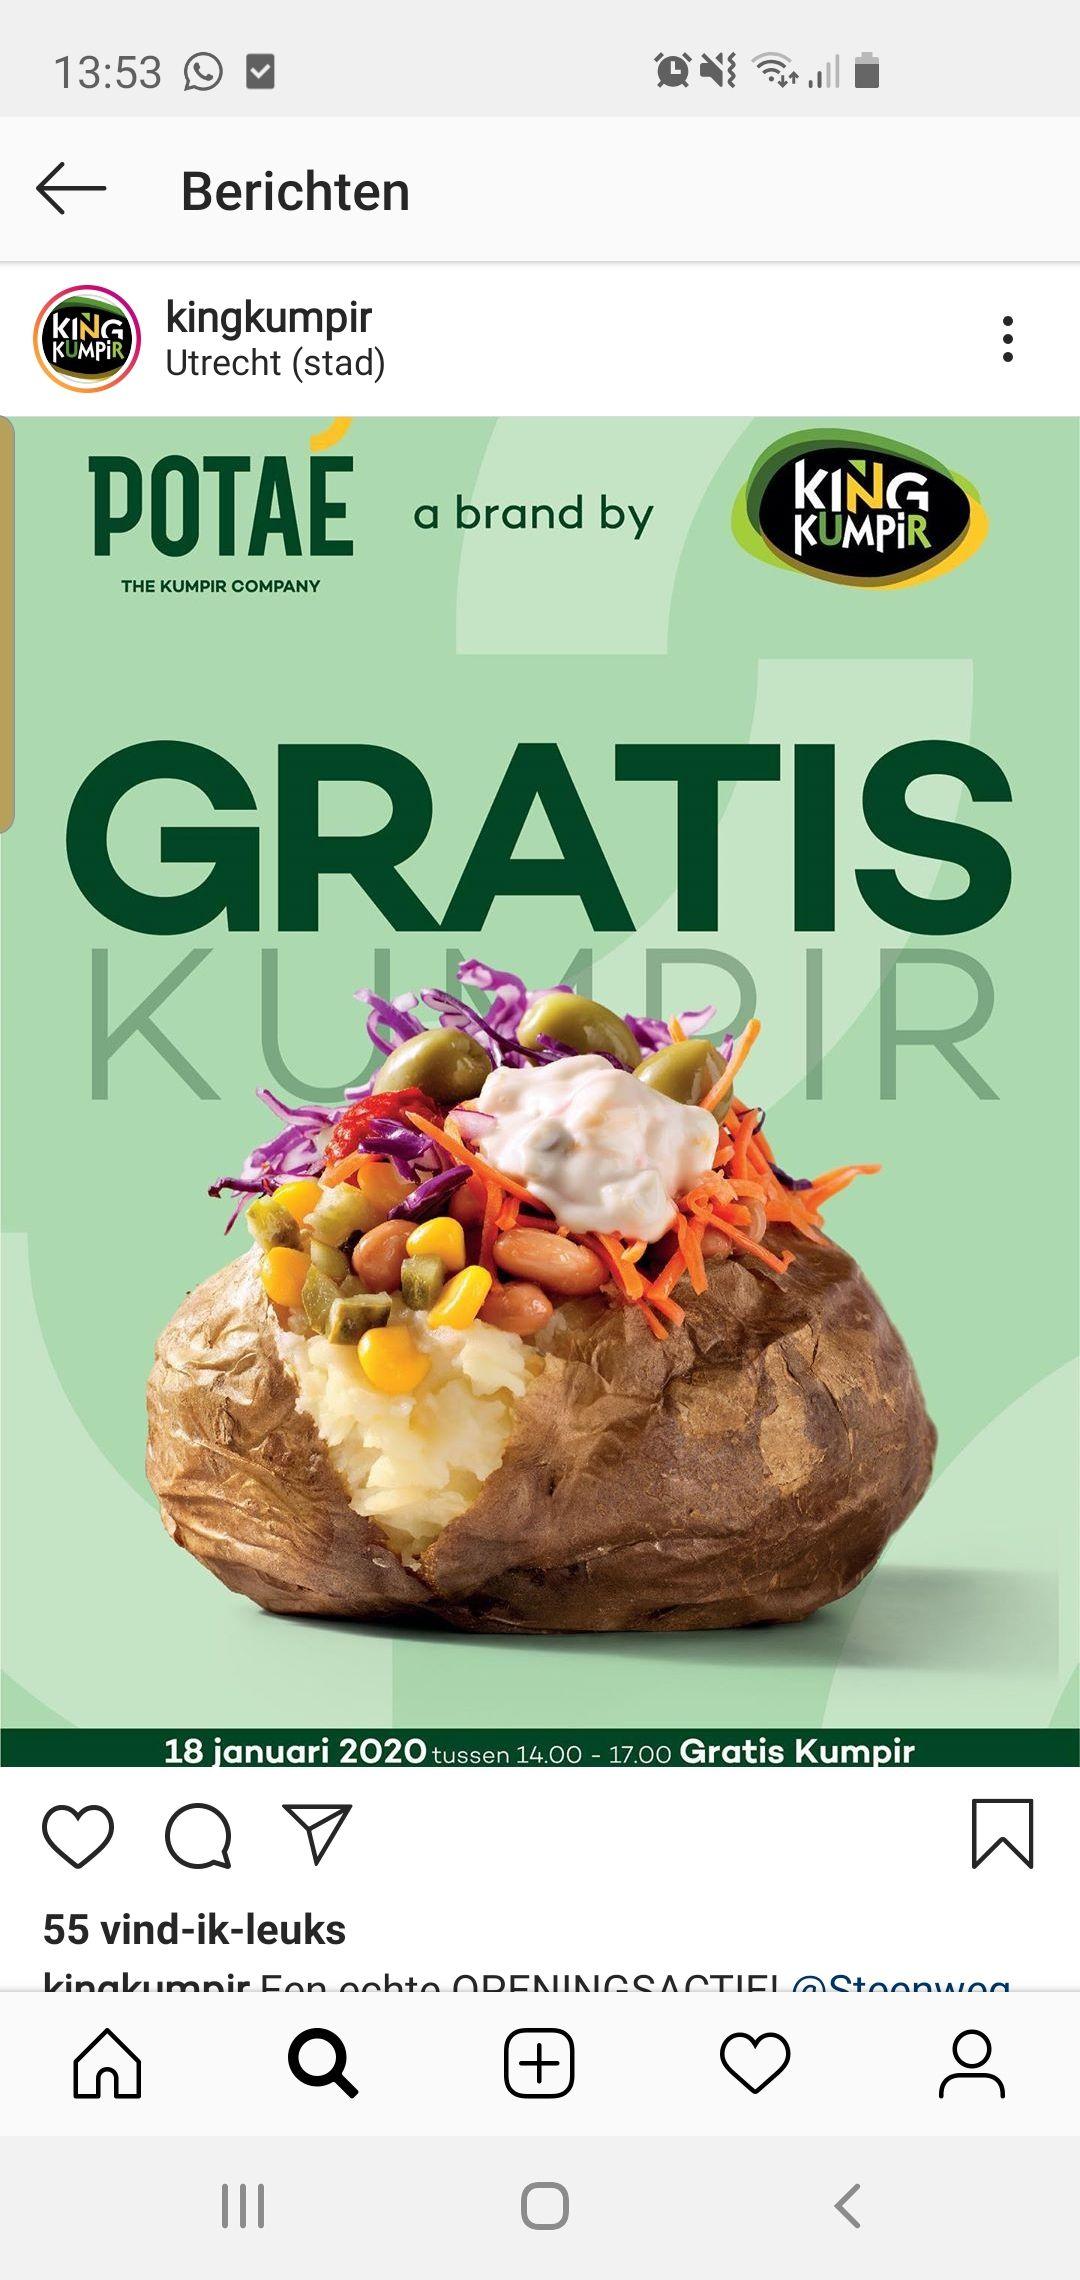 Gratis king kumpur eten in utrecht tussen 14:00 en 17:00 18 januari